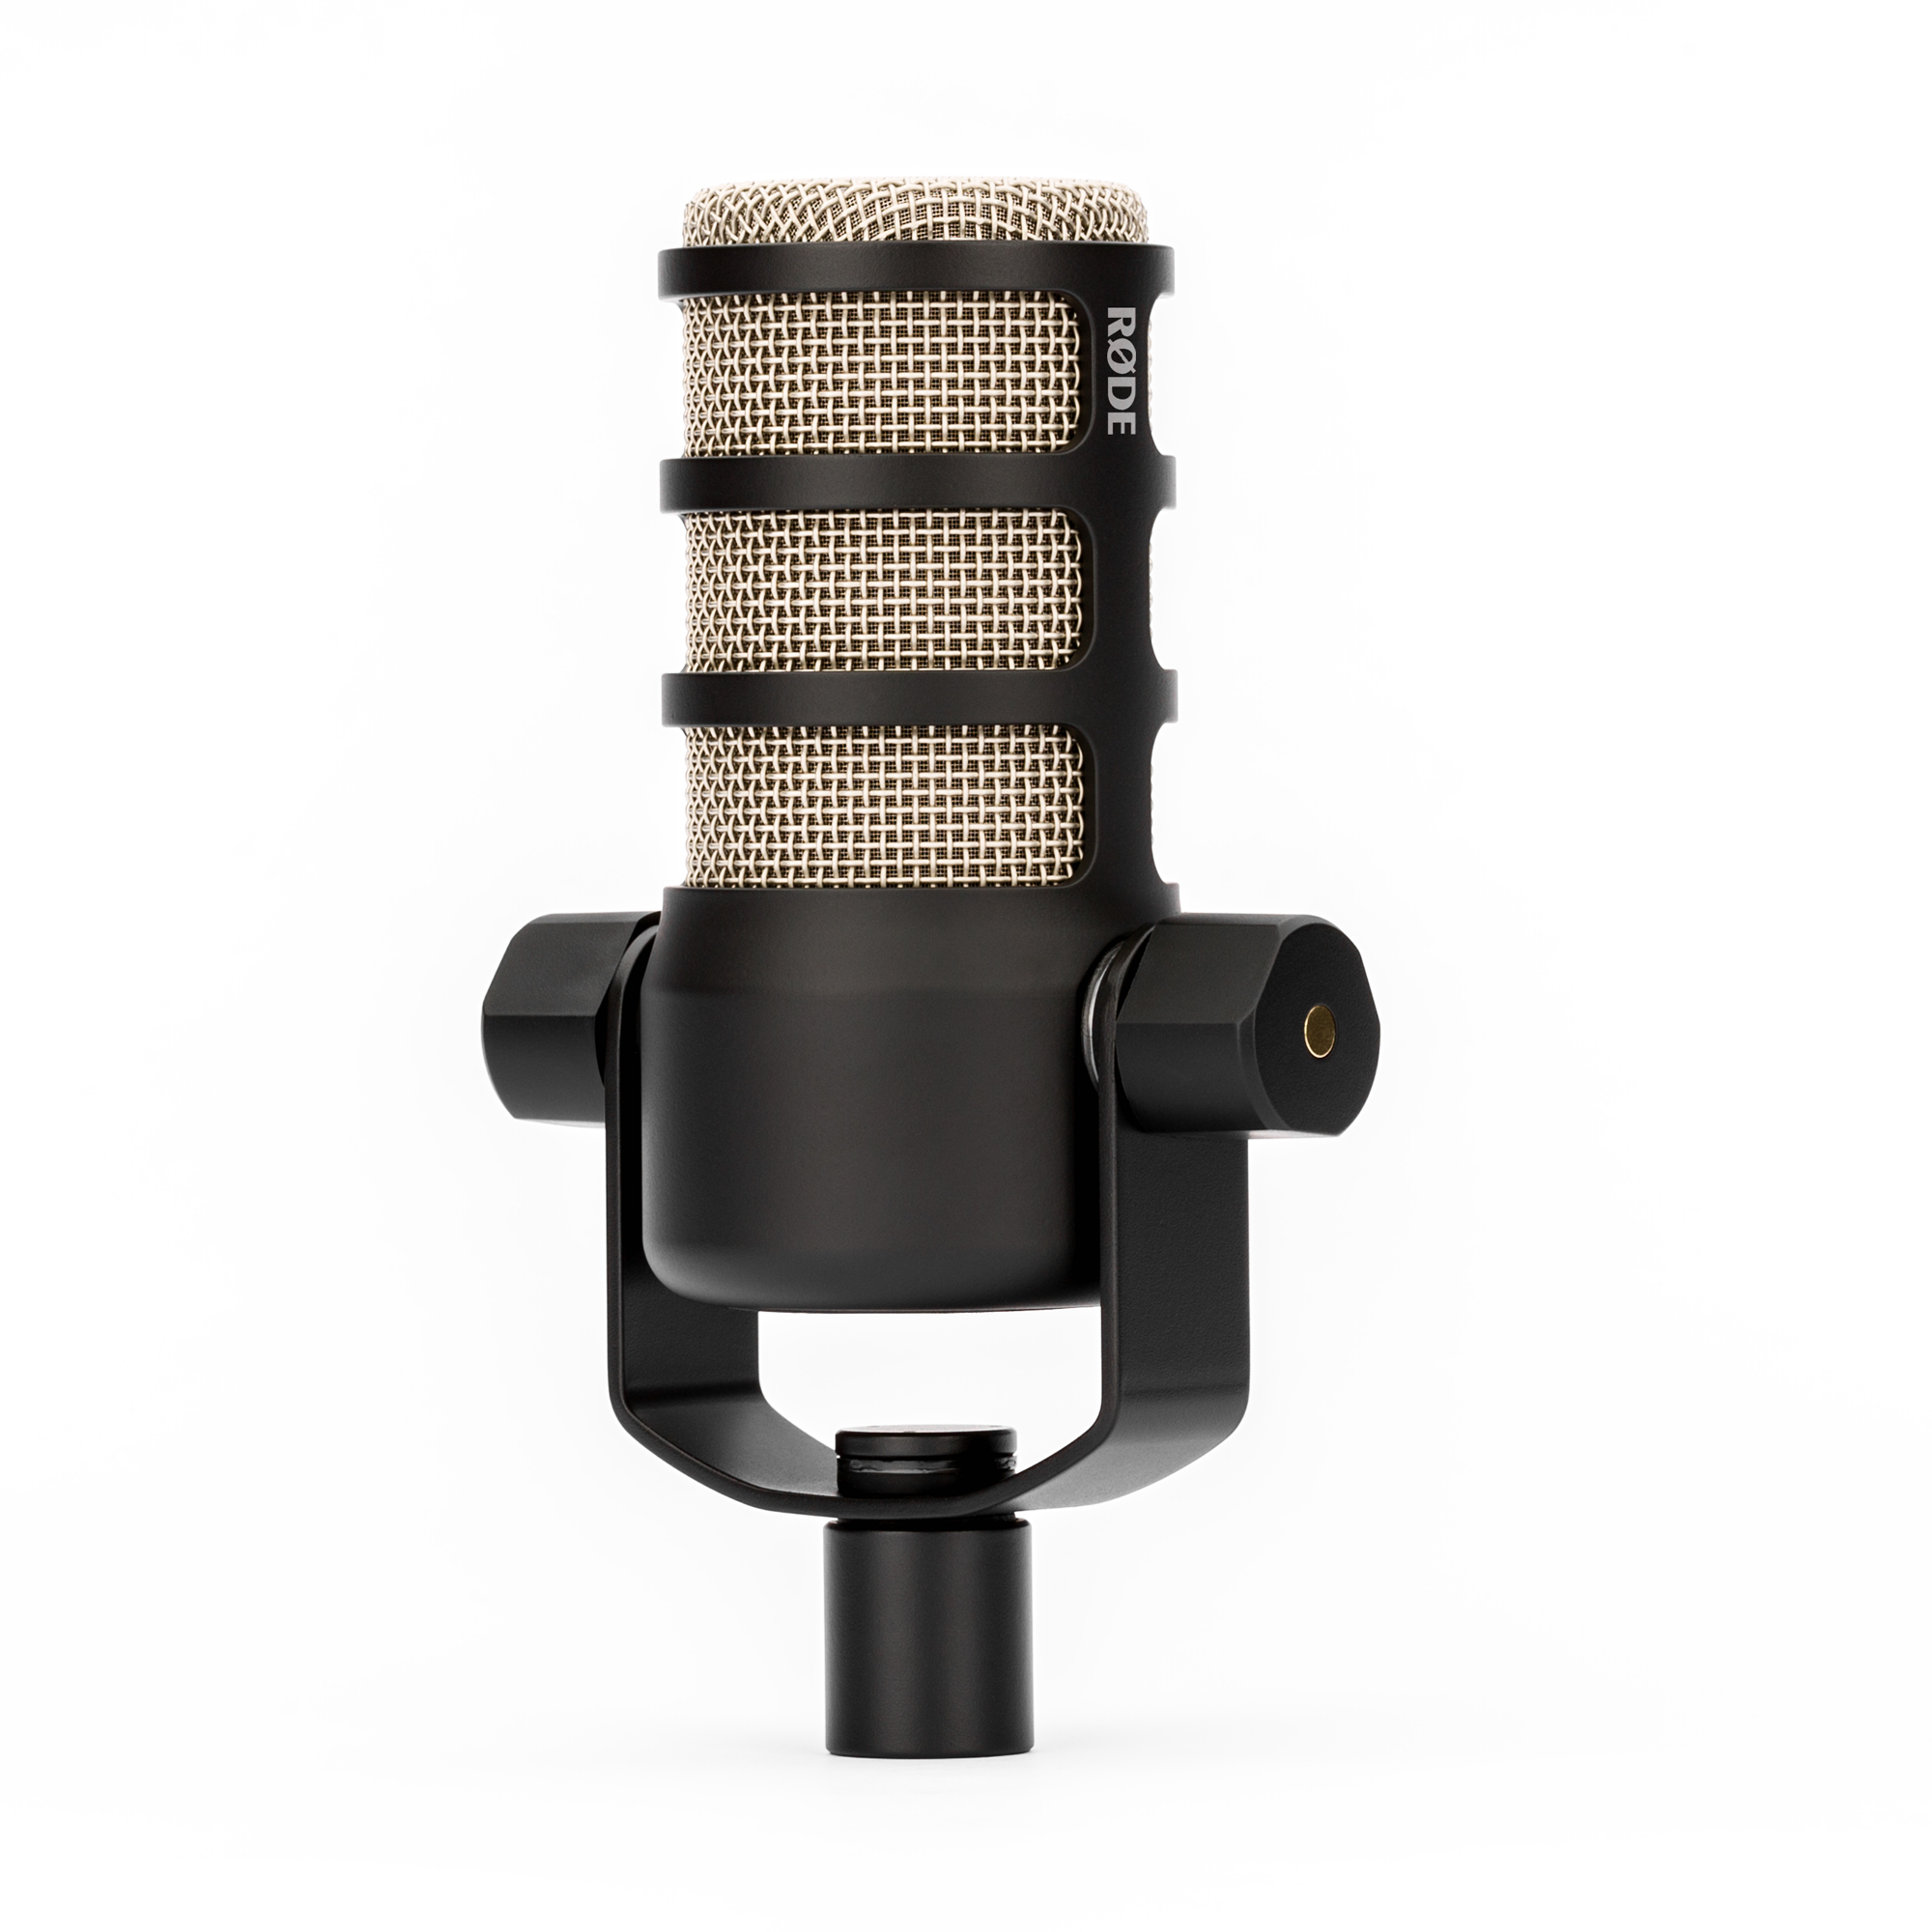 Røde PodMic Podcastmikrofon